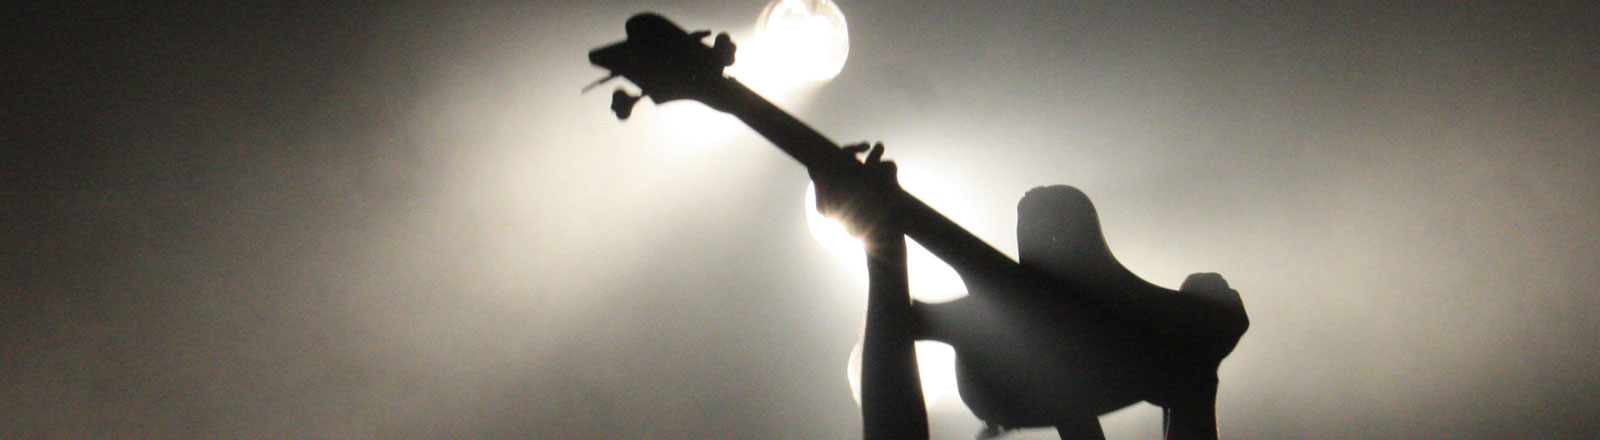 Eine Gitarre wird in die Luft gehoben.